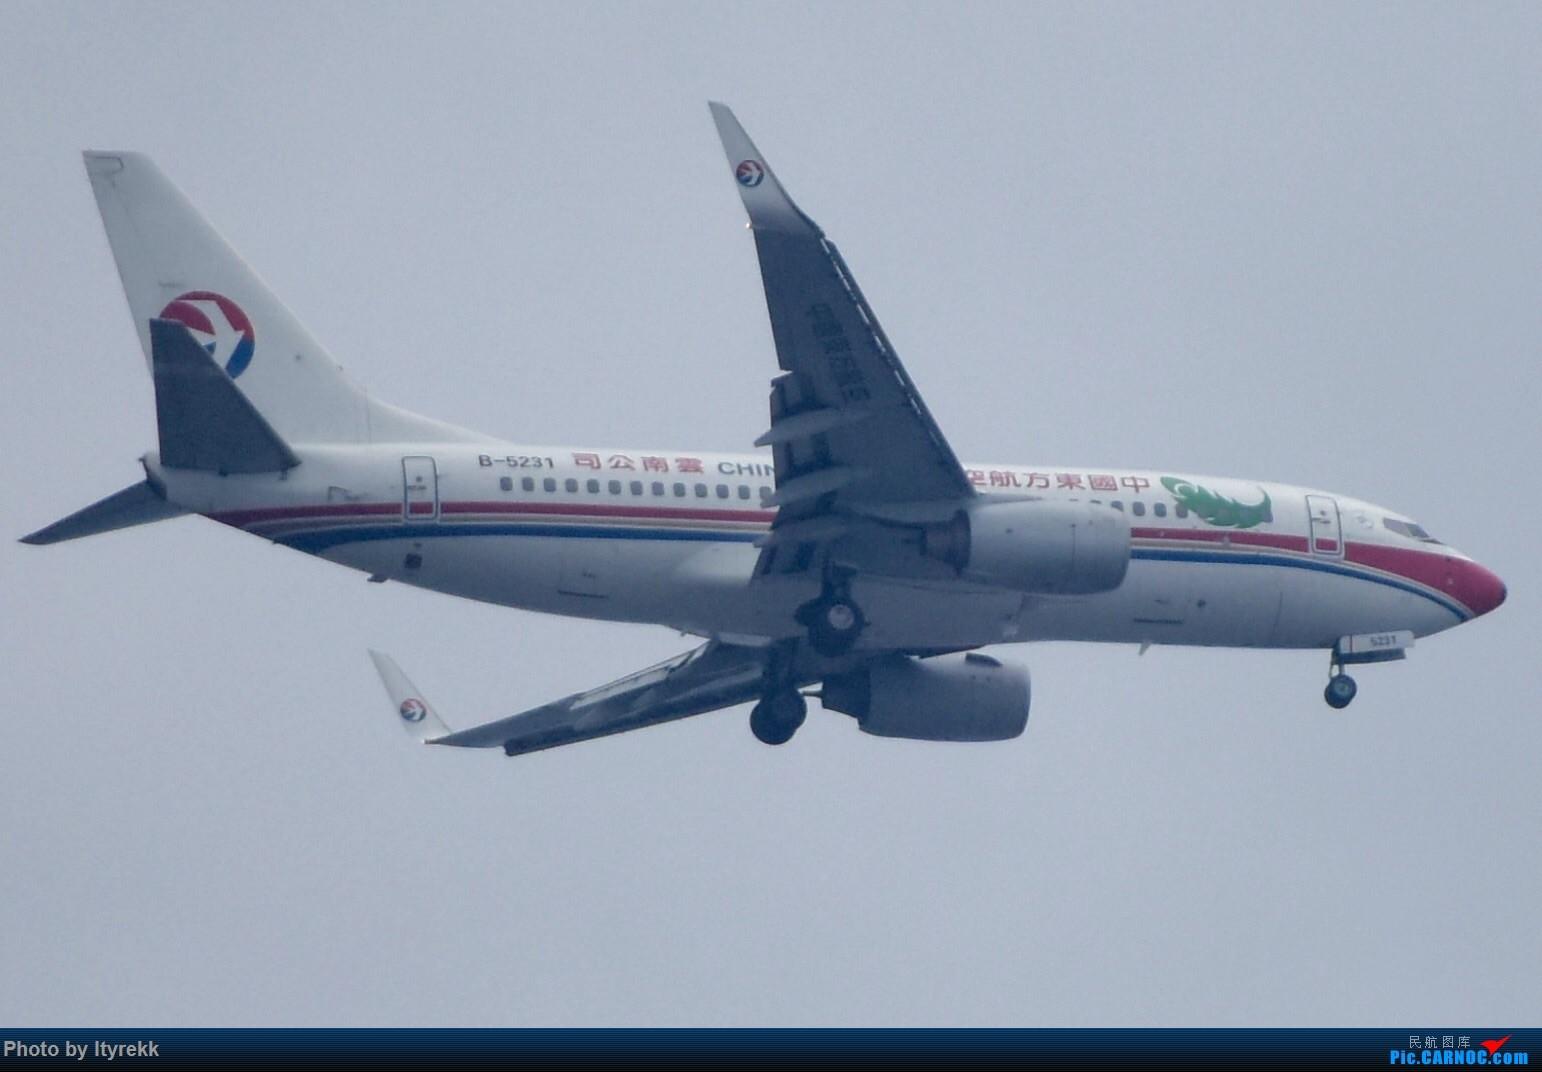 Re:[原创]6月的天气总是变化多端 BOEING 737-700 B-5231 中国芒市机场